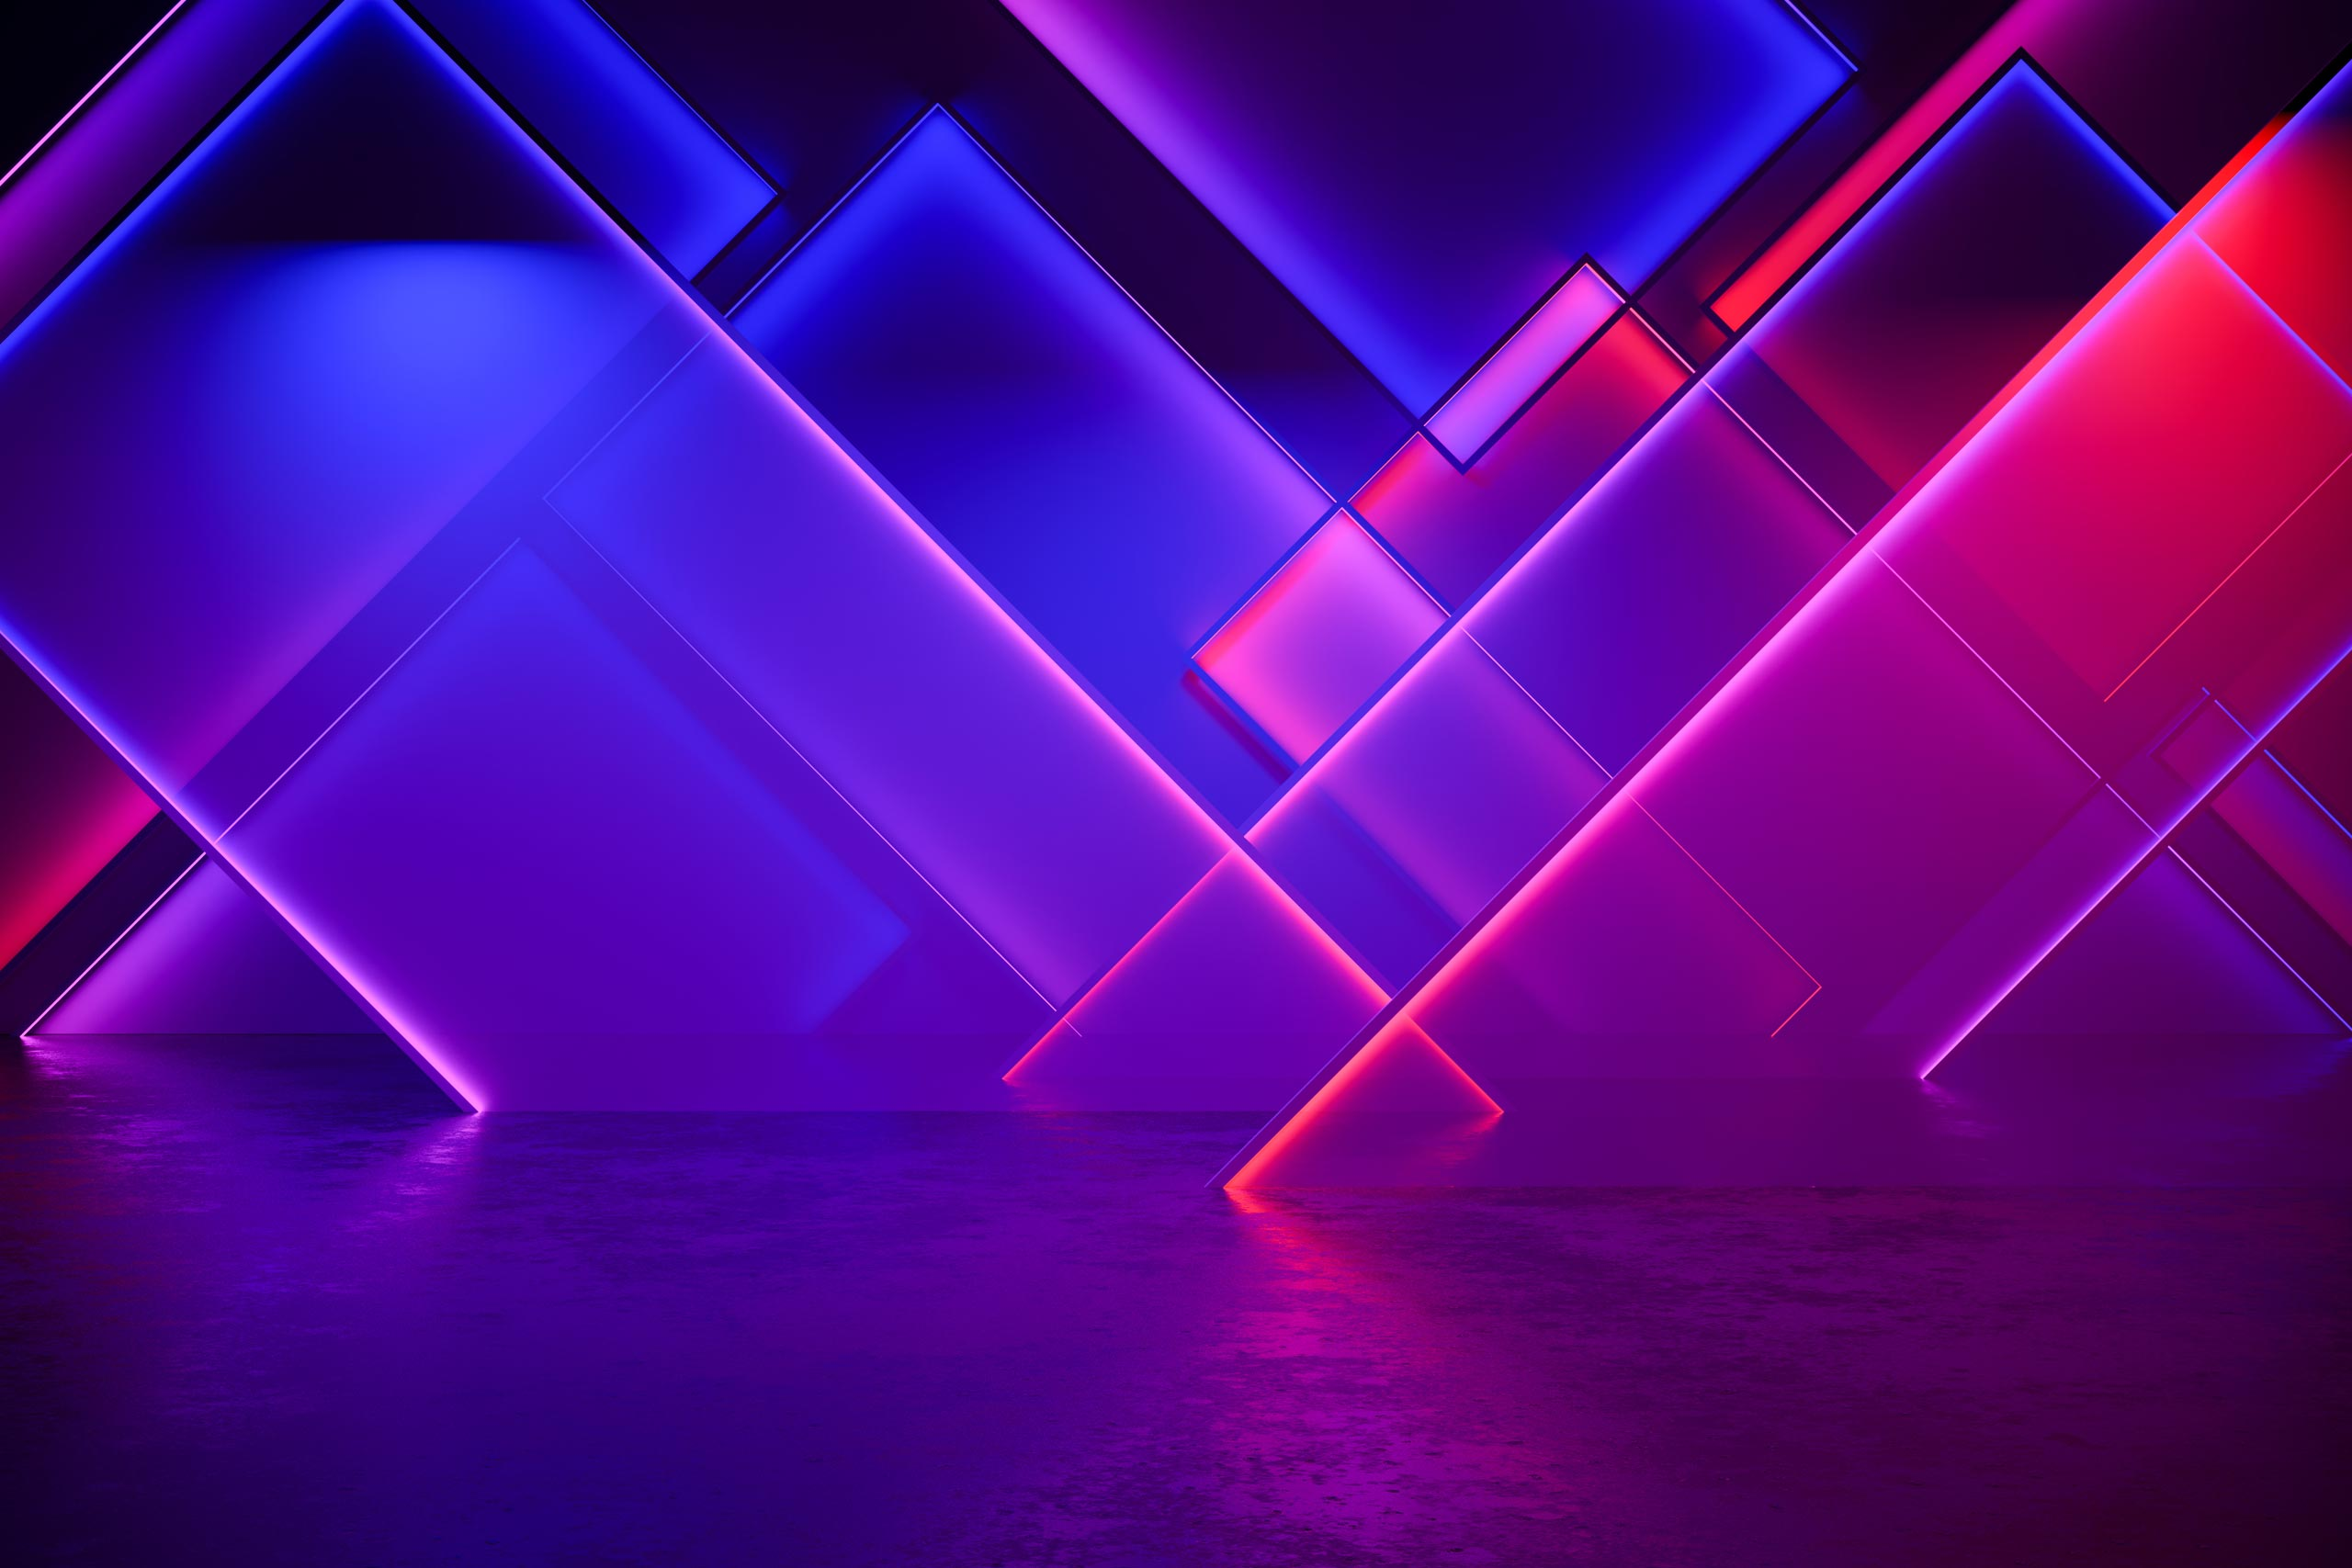 Неоновые геометрические фигуры синего и розового цвета.